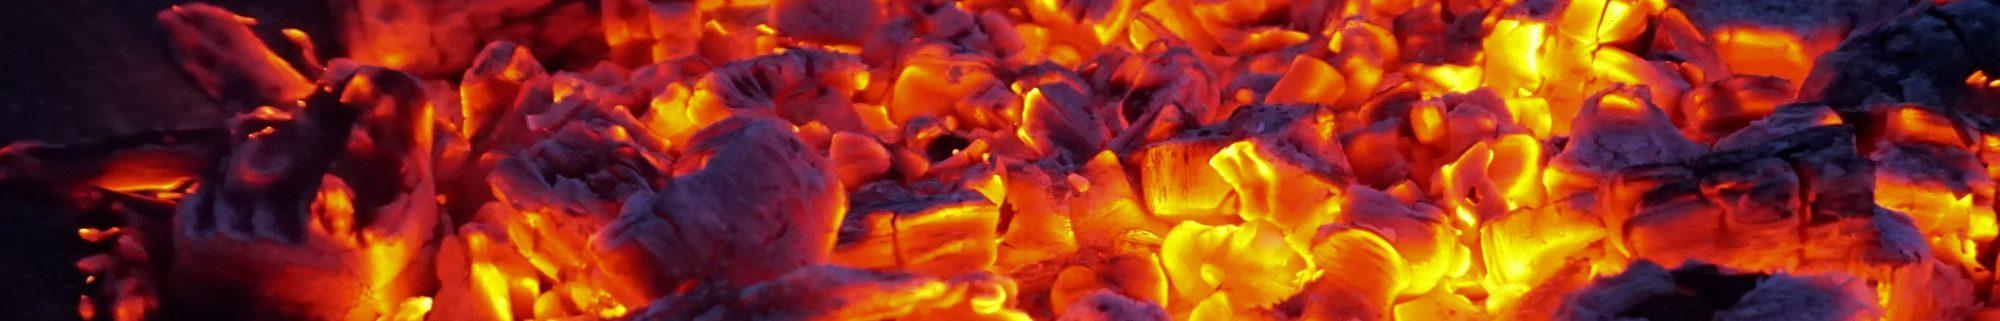 Fireside storytime